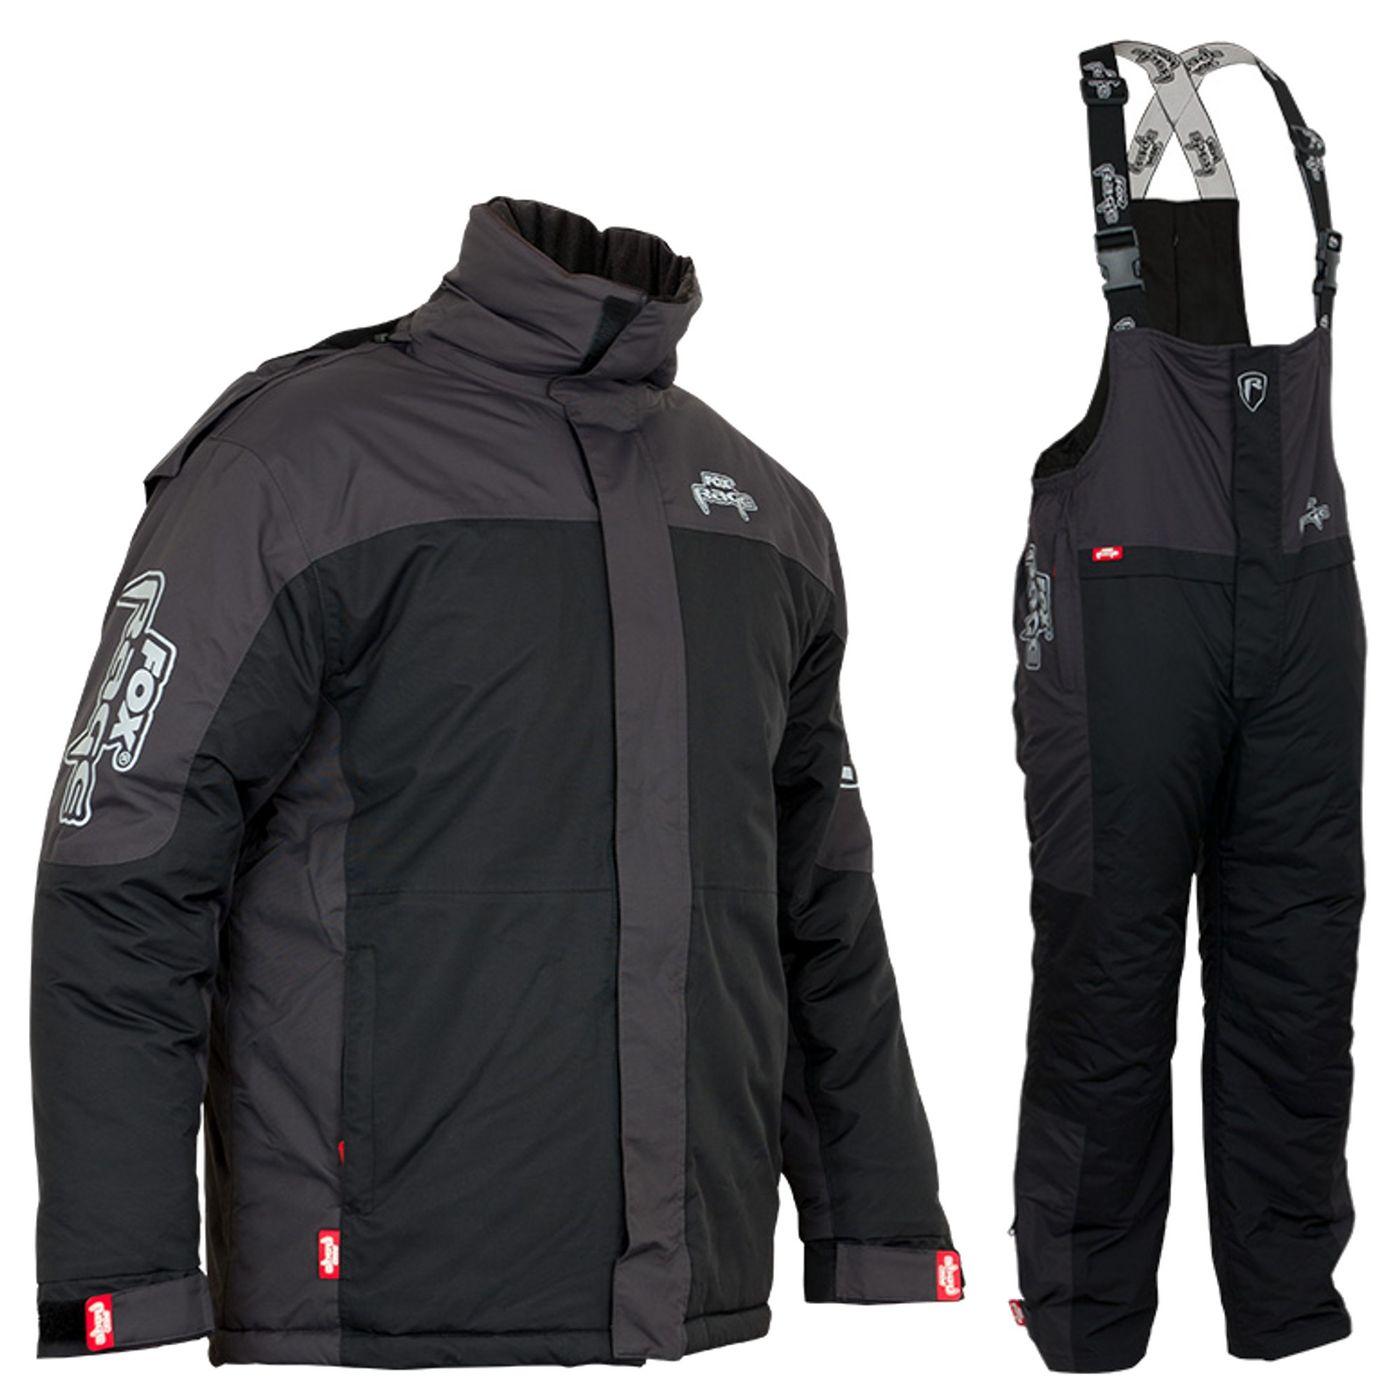 Fox Rage Winter Suit - Thermoanzug zum Angeln im Winter